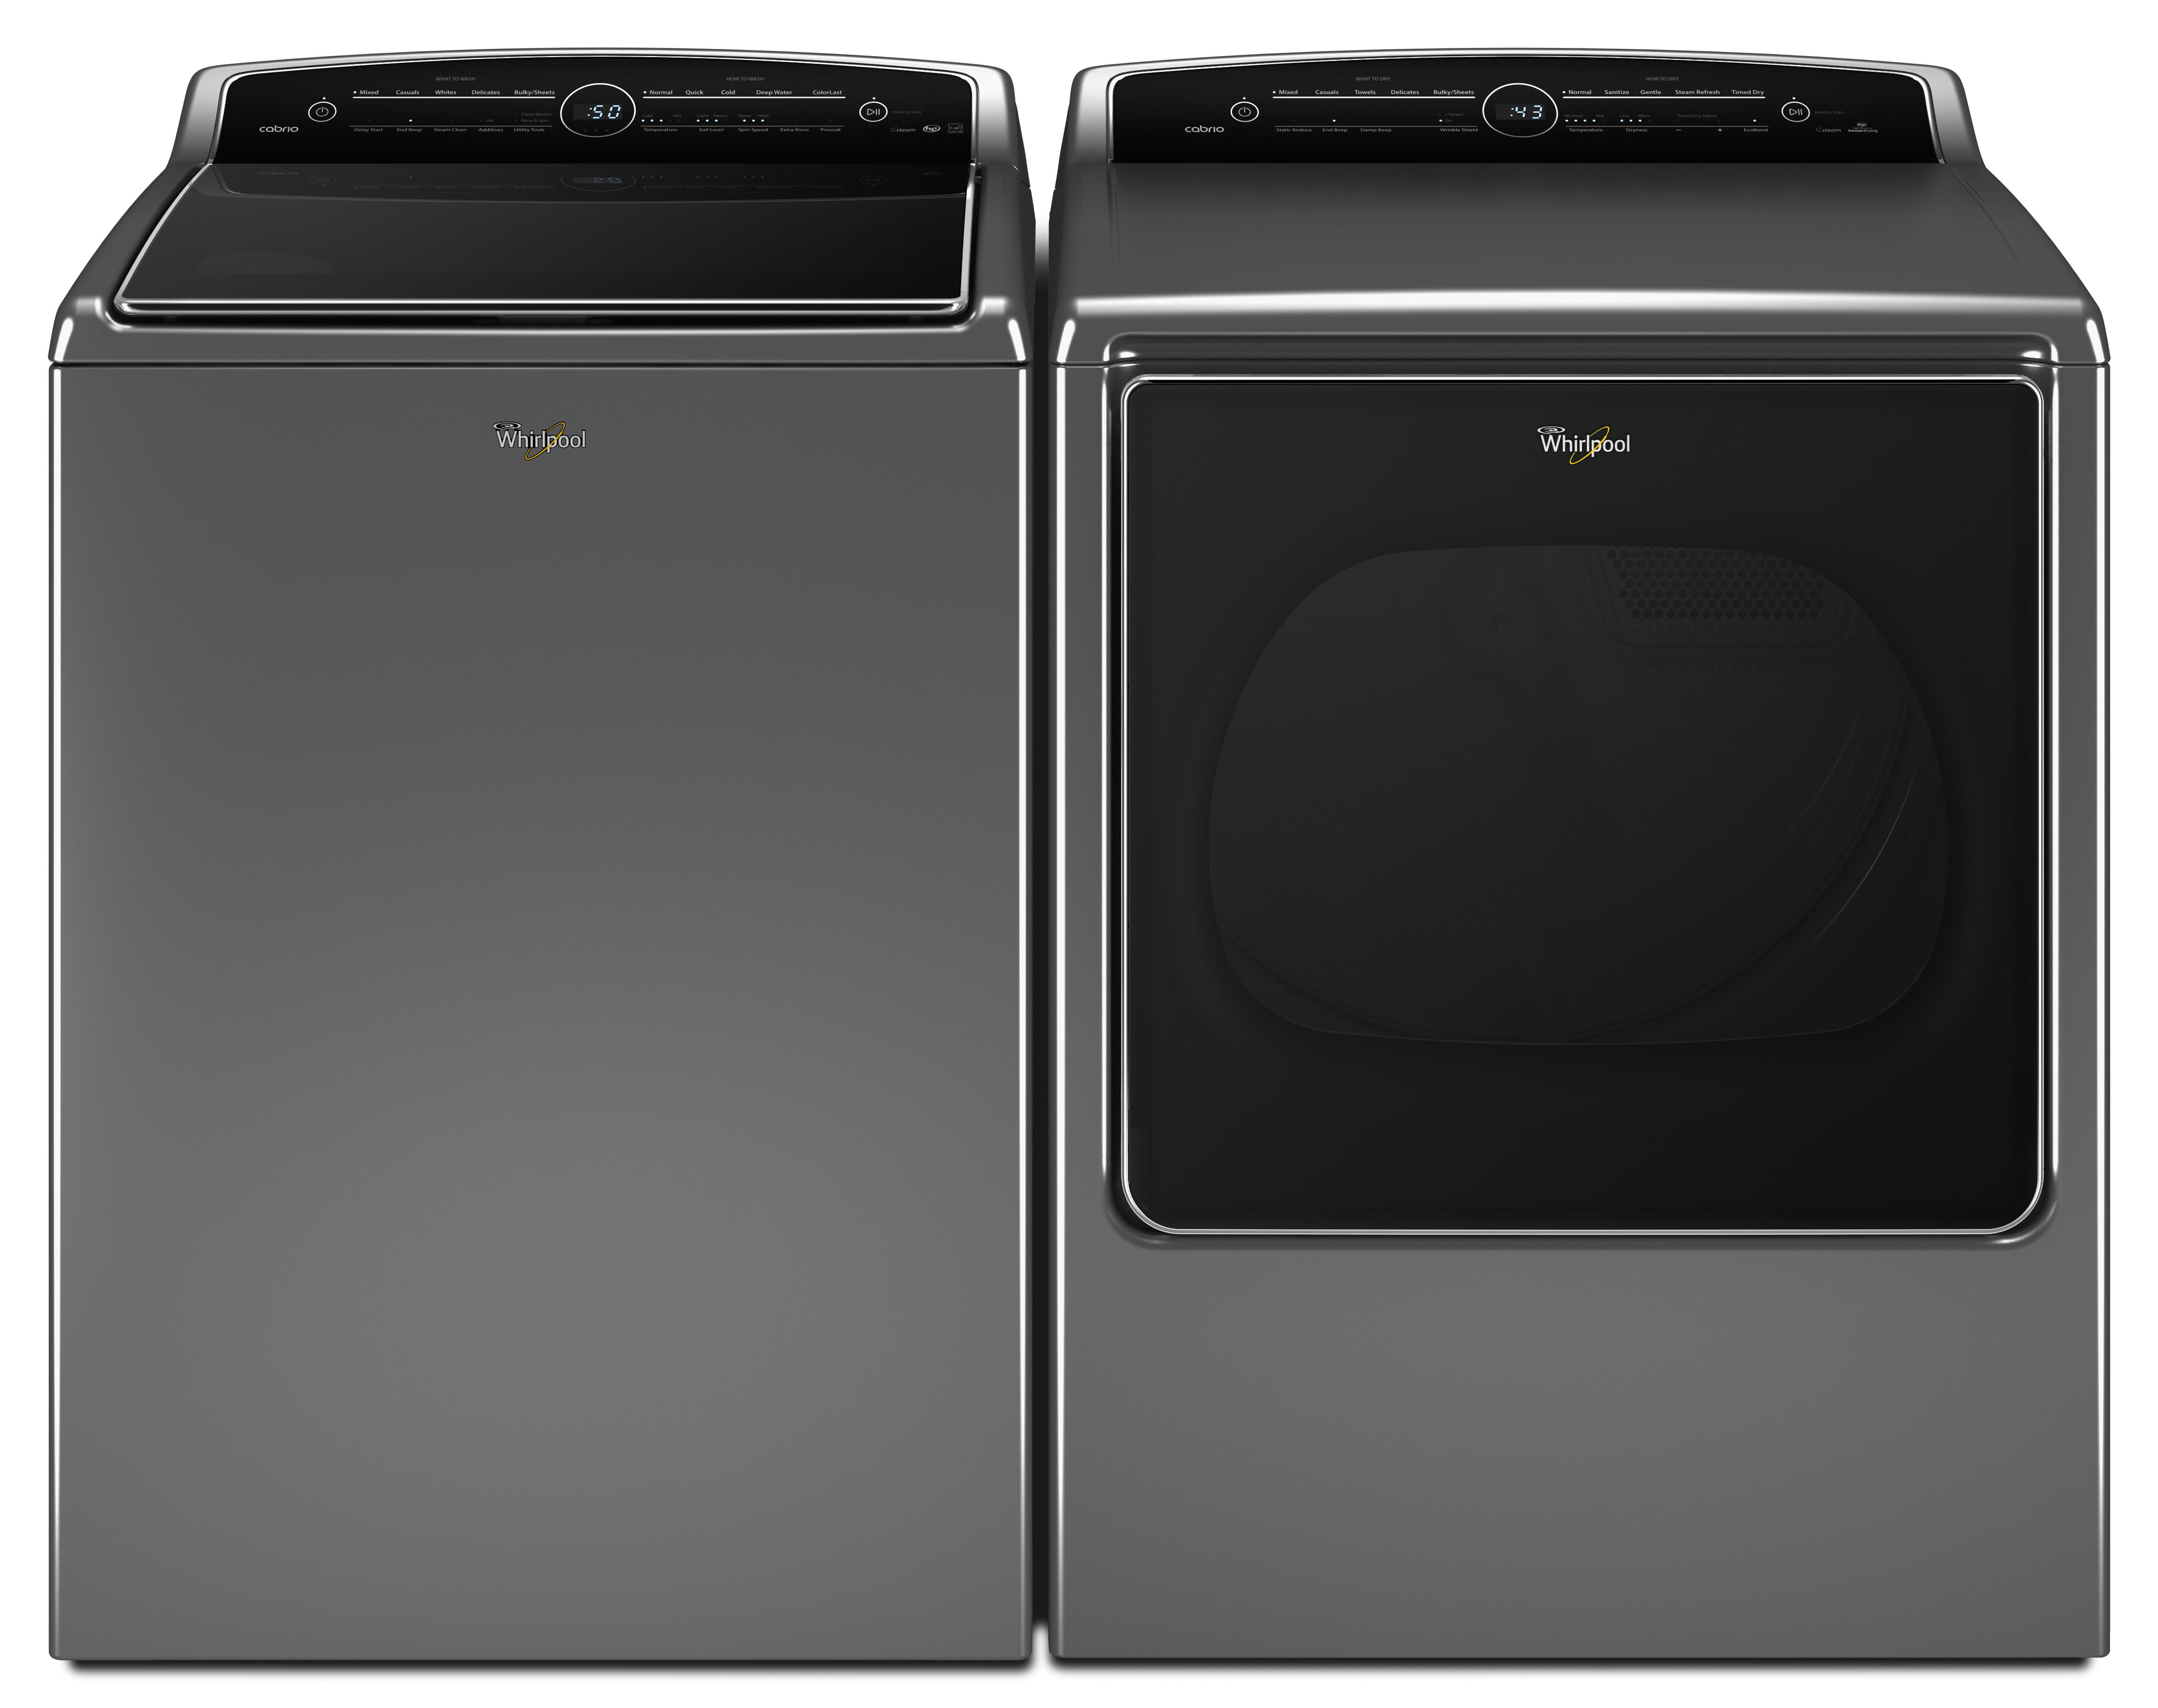 Whirlpool WGD8500DC 8.8 cu. ft. Cabrio® High-Efficiency Gas Steam Dryer - Chrome Shadow